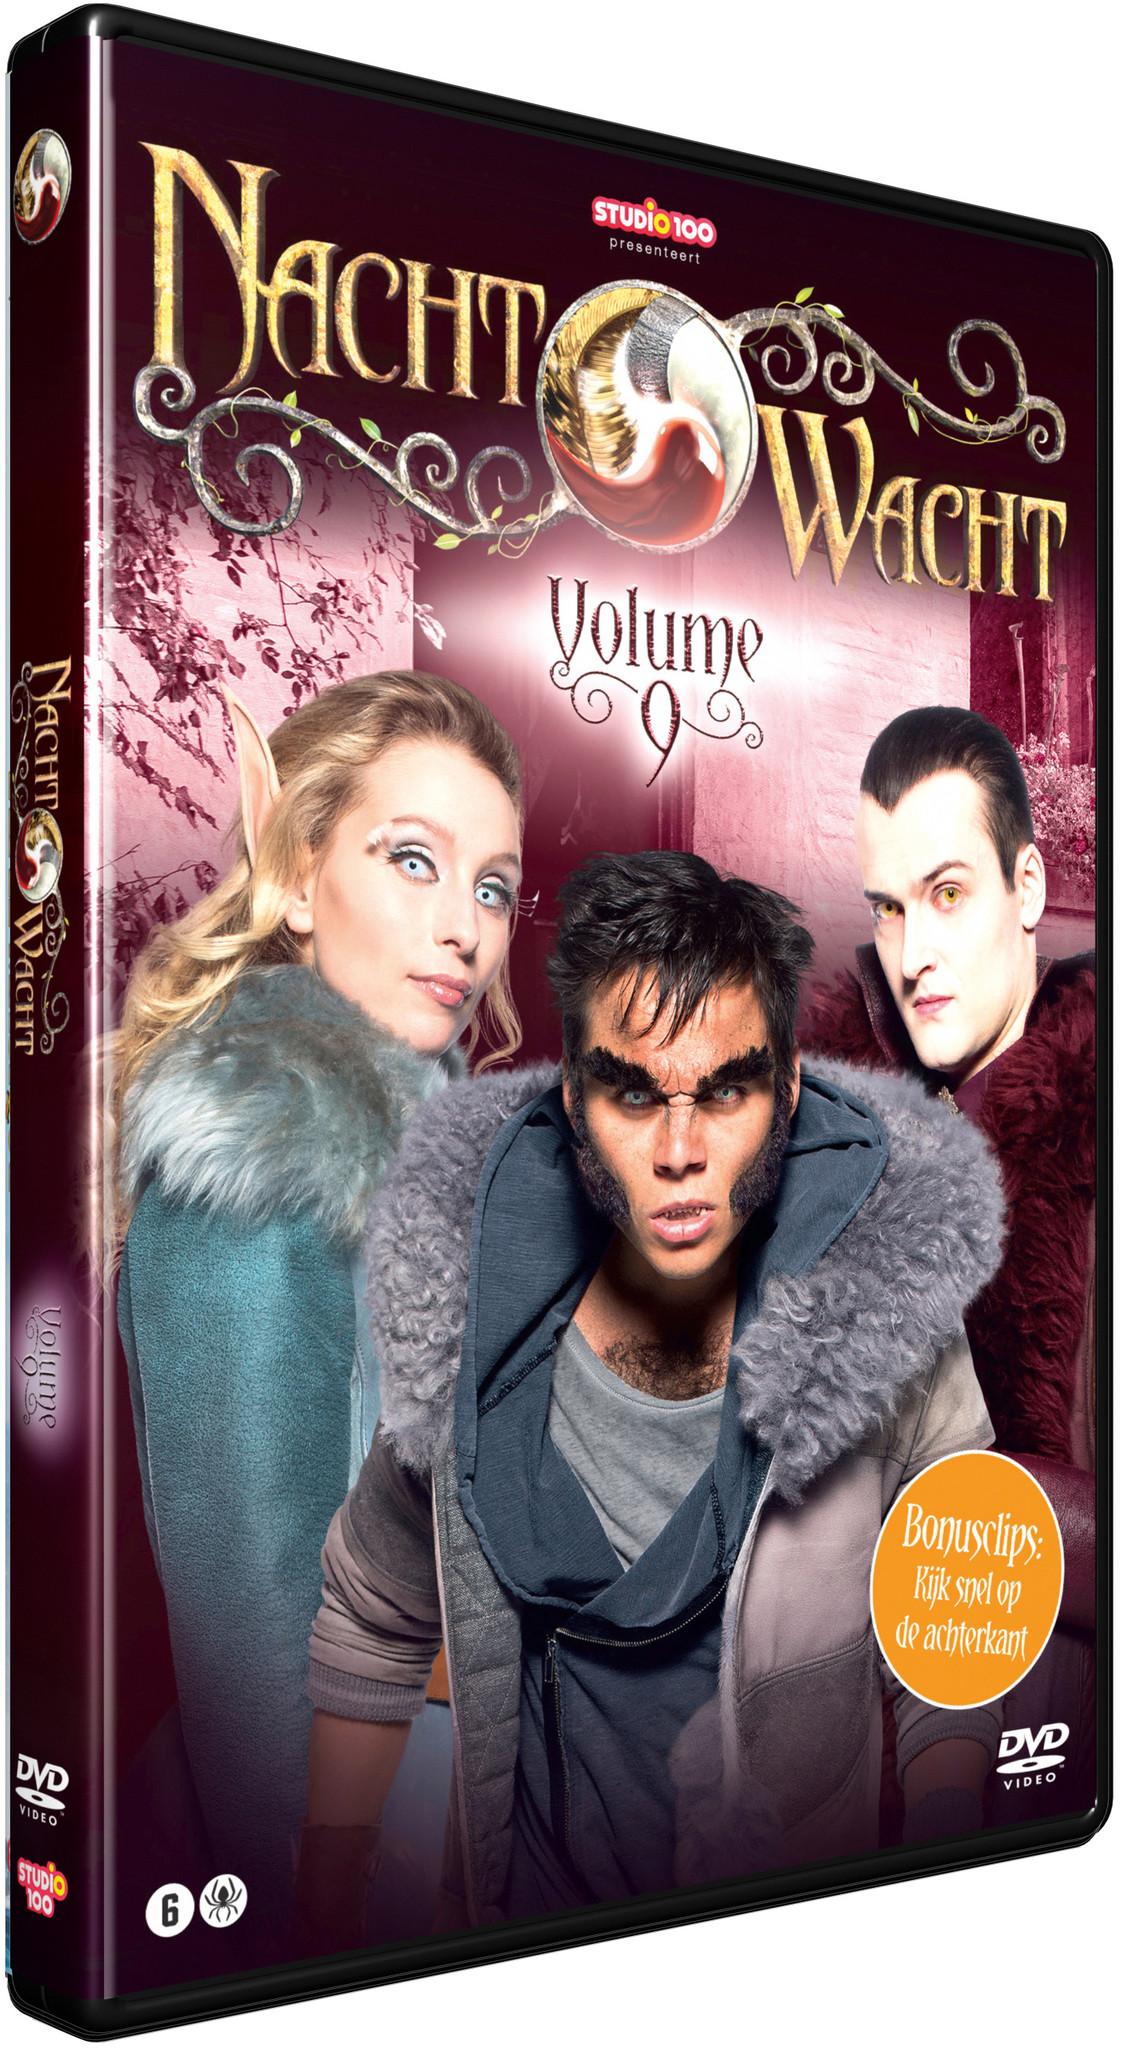 Nachtwacht DVD: Nachtwacht vol. 9